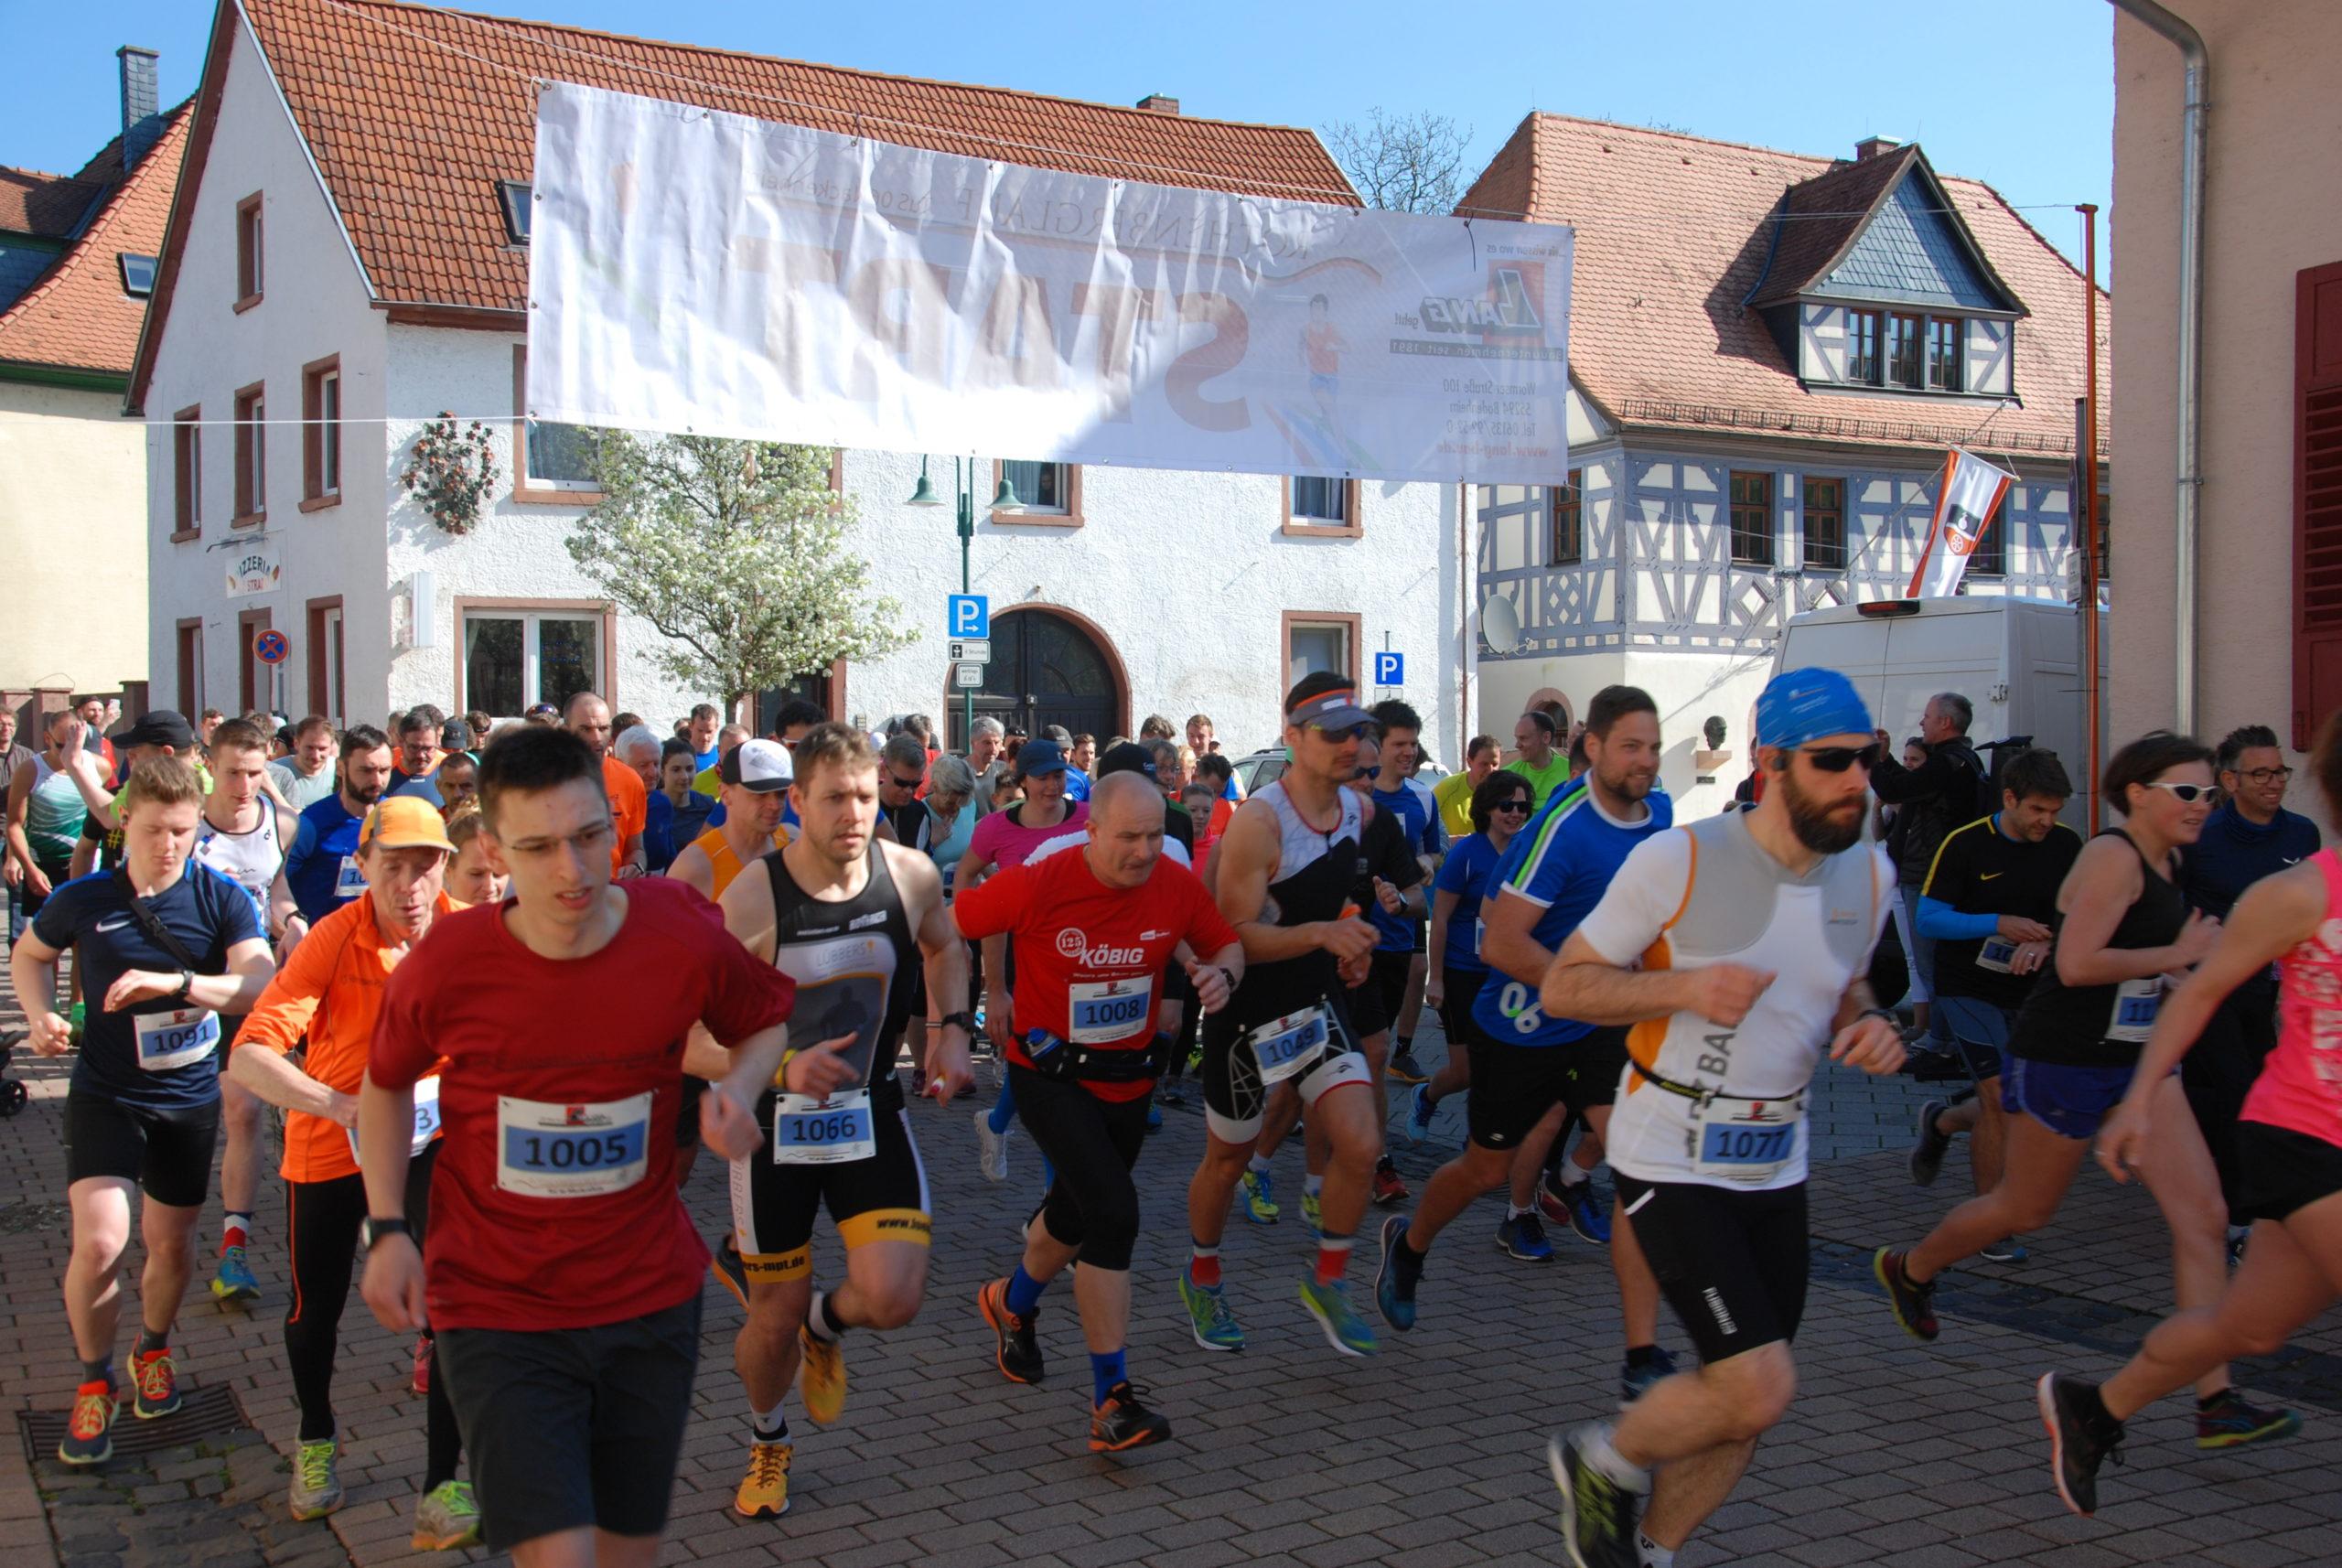 Rothenberglauf 2019 – der ja dieses Jahr abgesagt werden musste